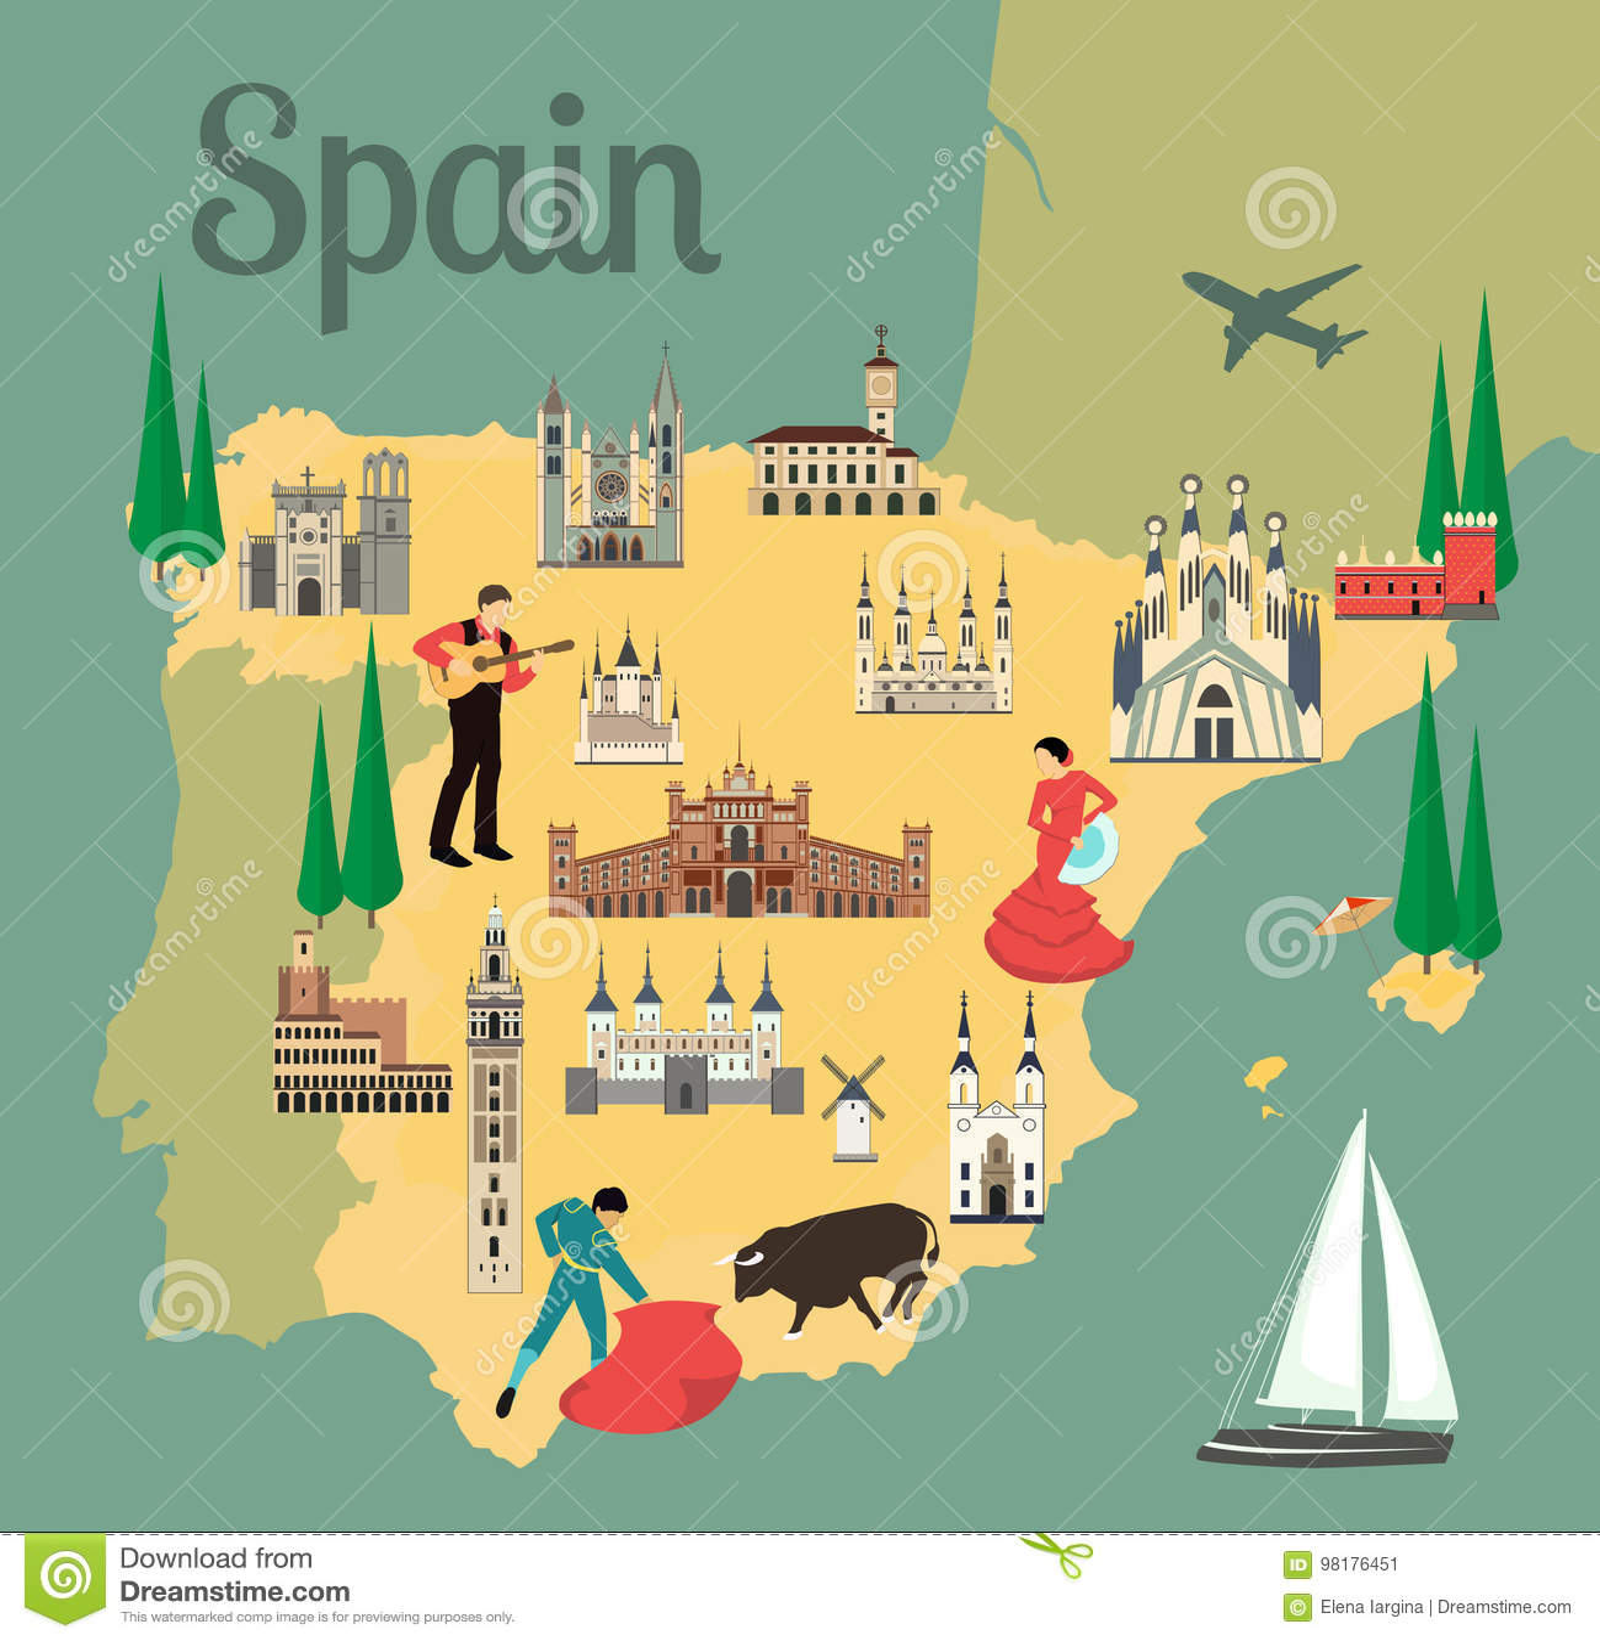 Spanische Karte.Spanische Karte Vektor Abbildung Illustration Von Flach